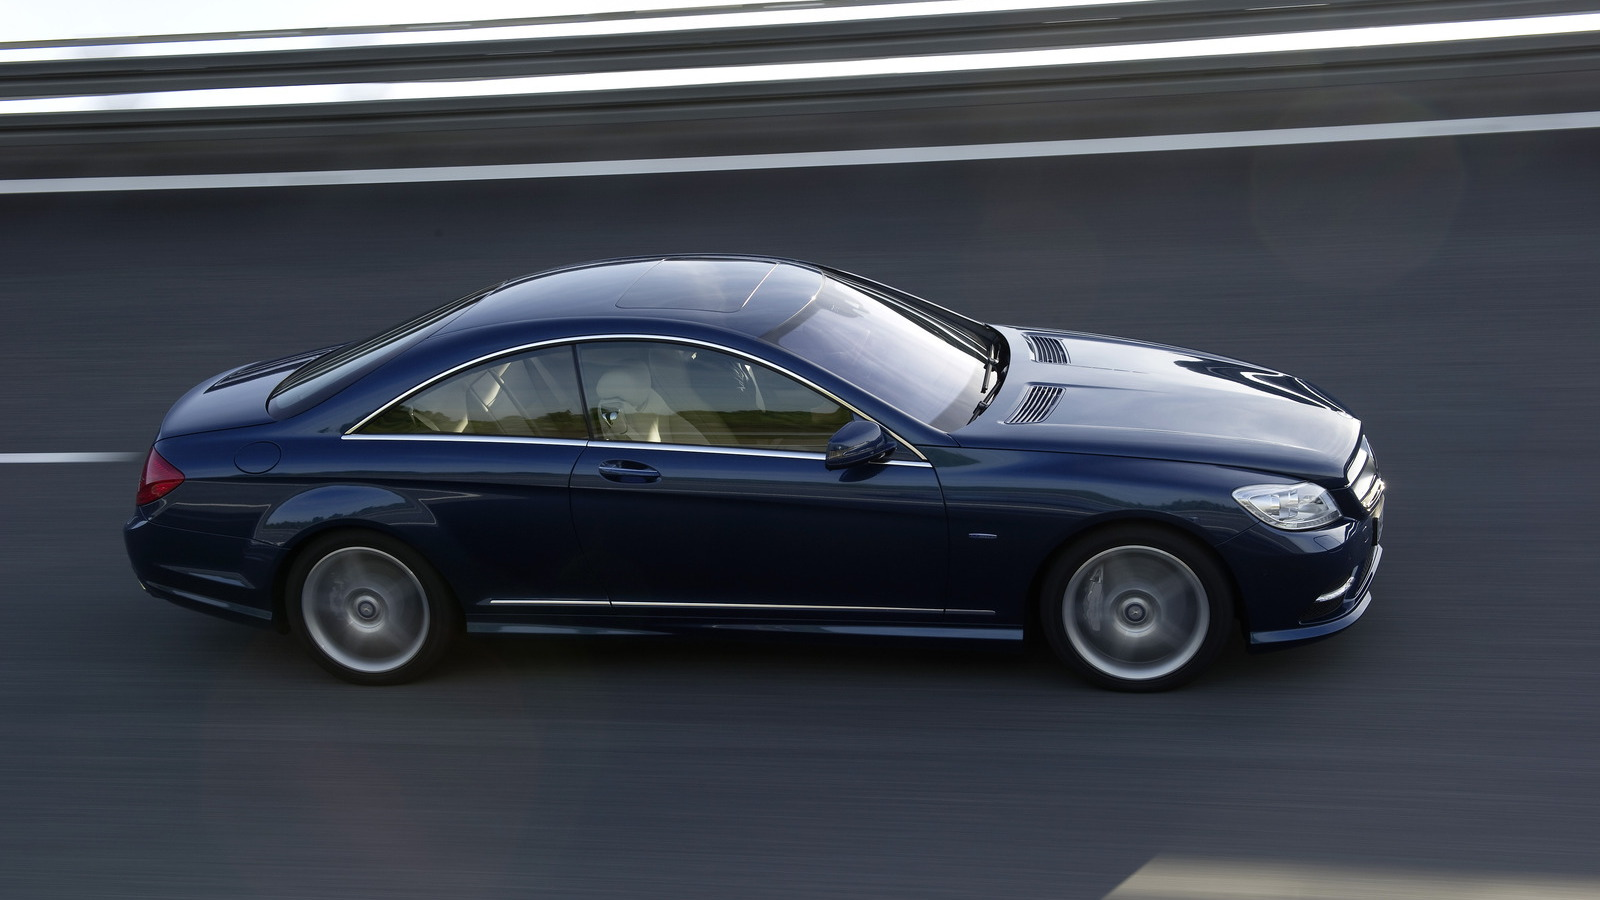 2011 Mercedes-Benz CL-Class